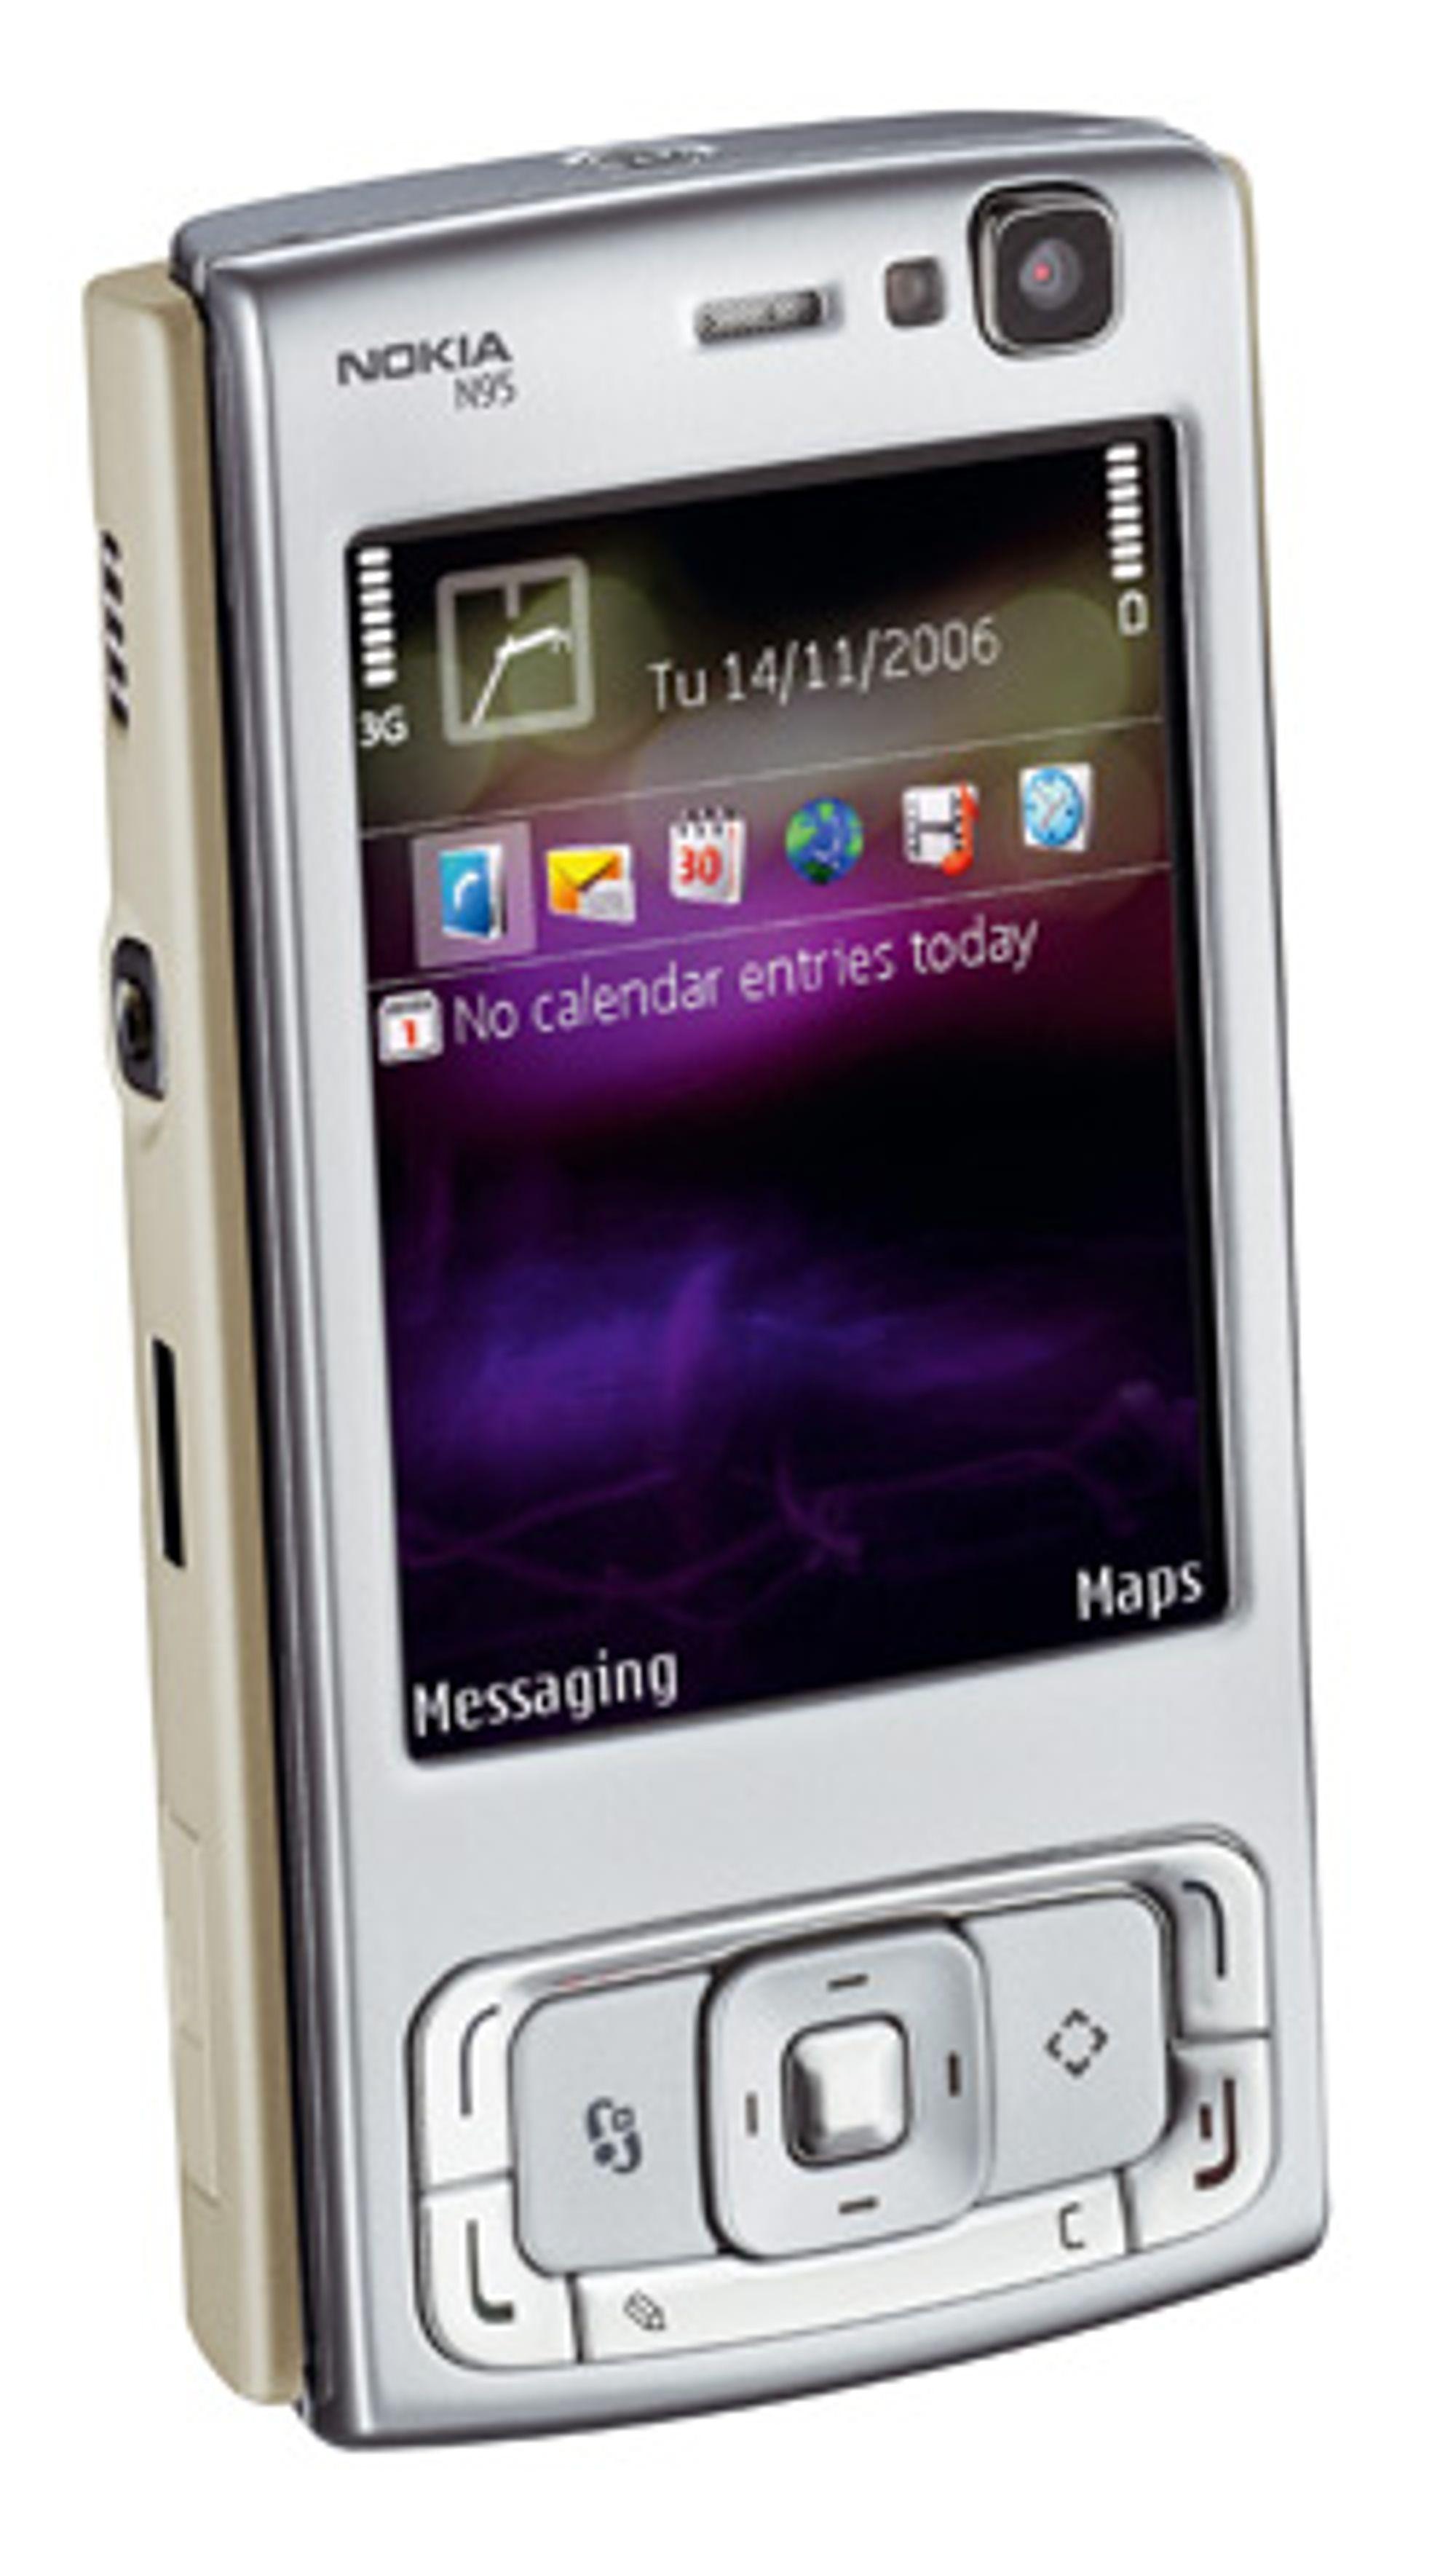 Nokia N95 blir en av de første mobilene i Norge med HSDPA